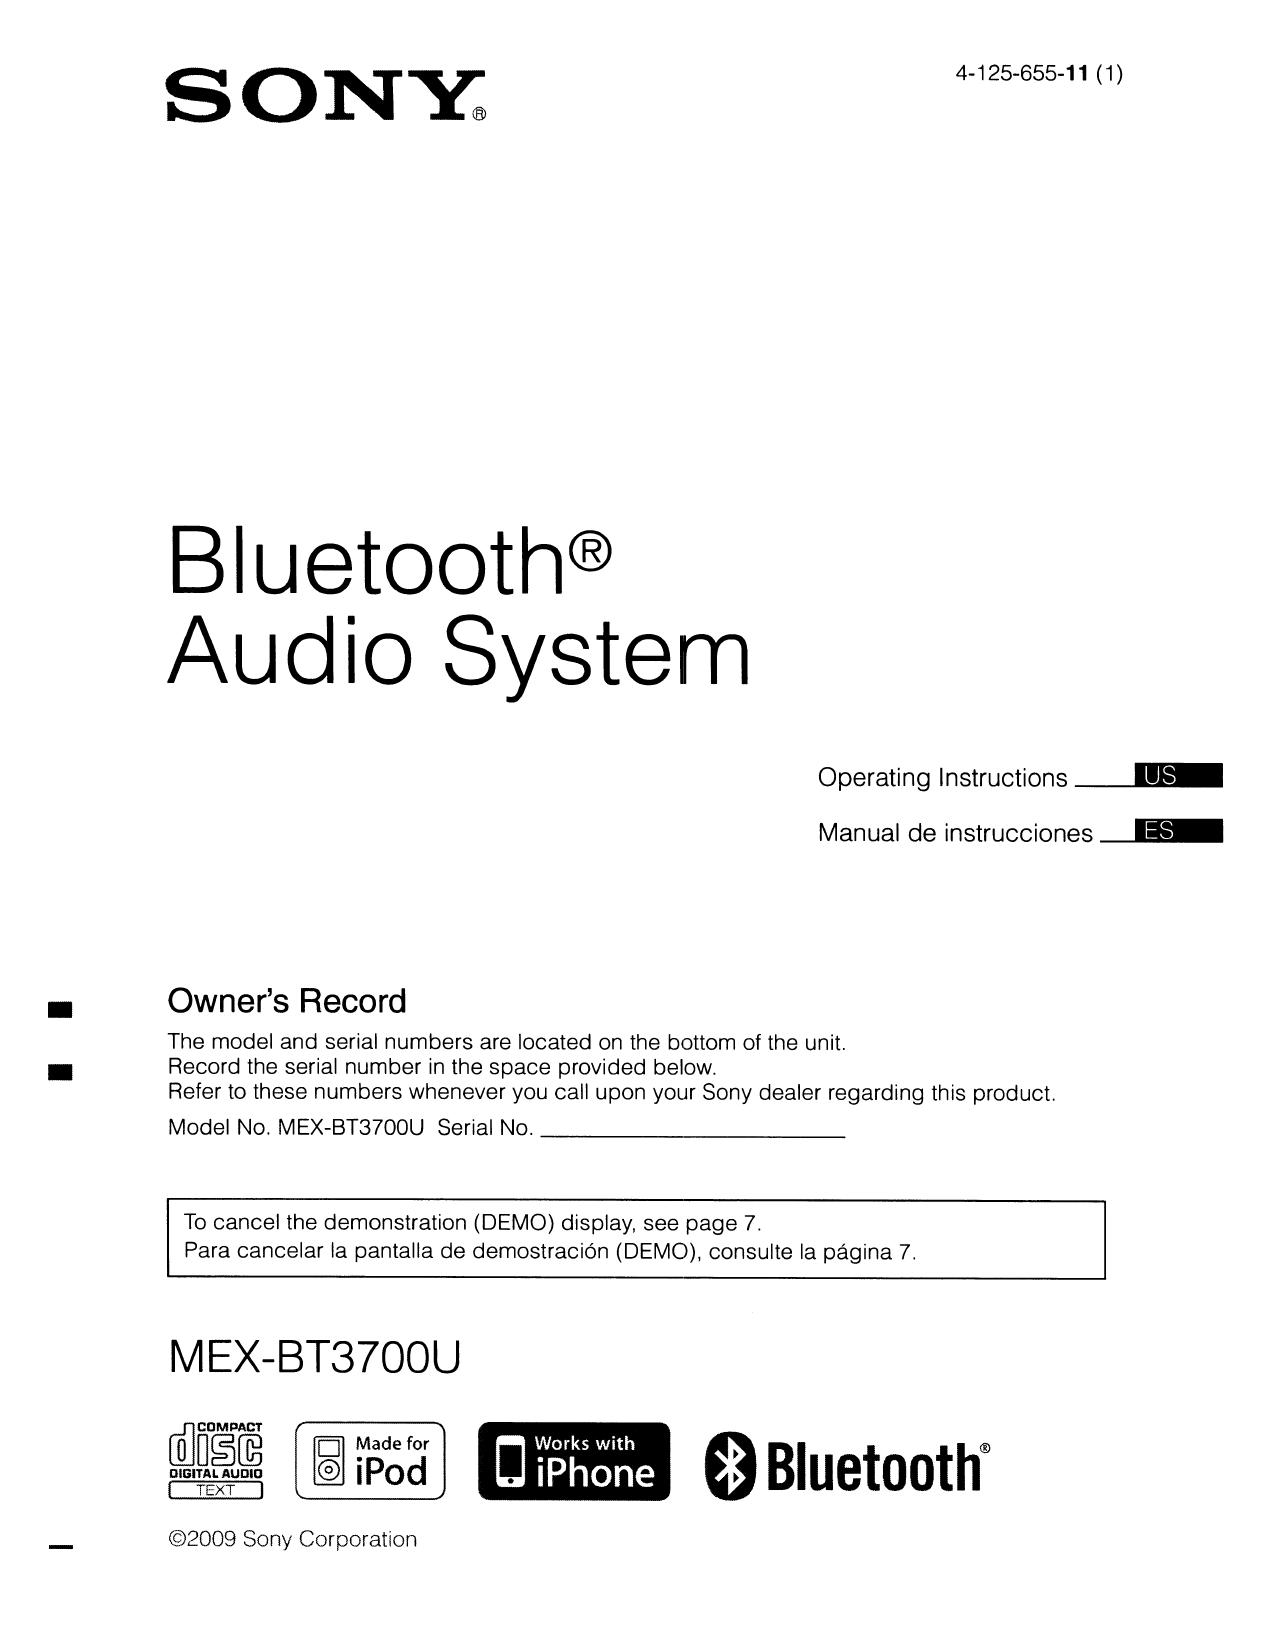 pdf for sony car receiver mex-bt3700u manual